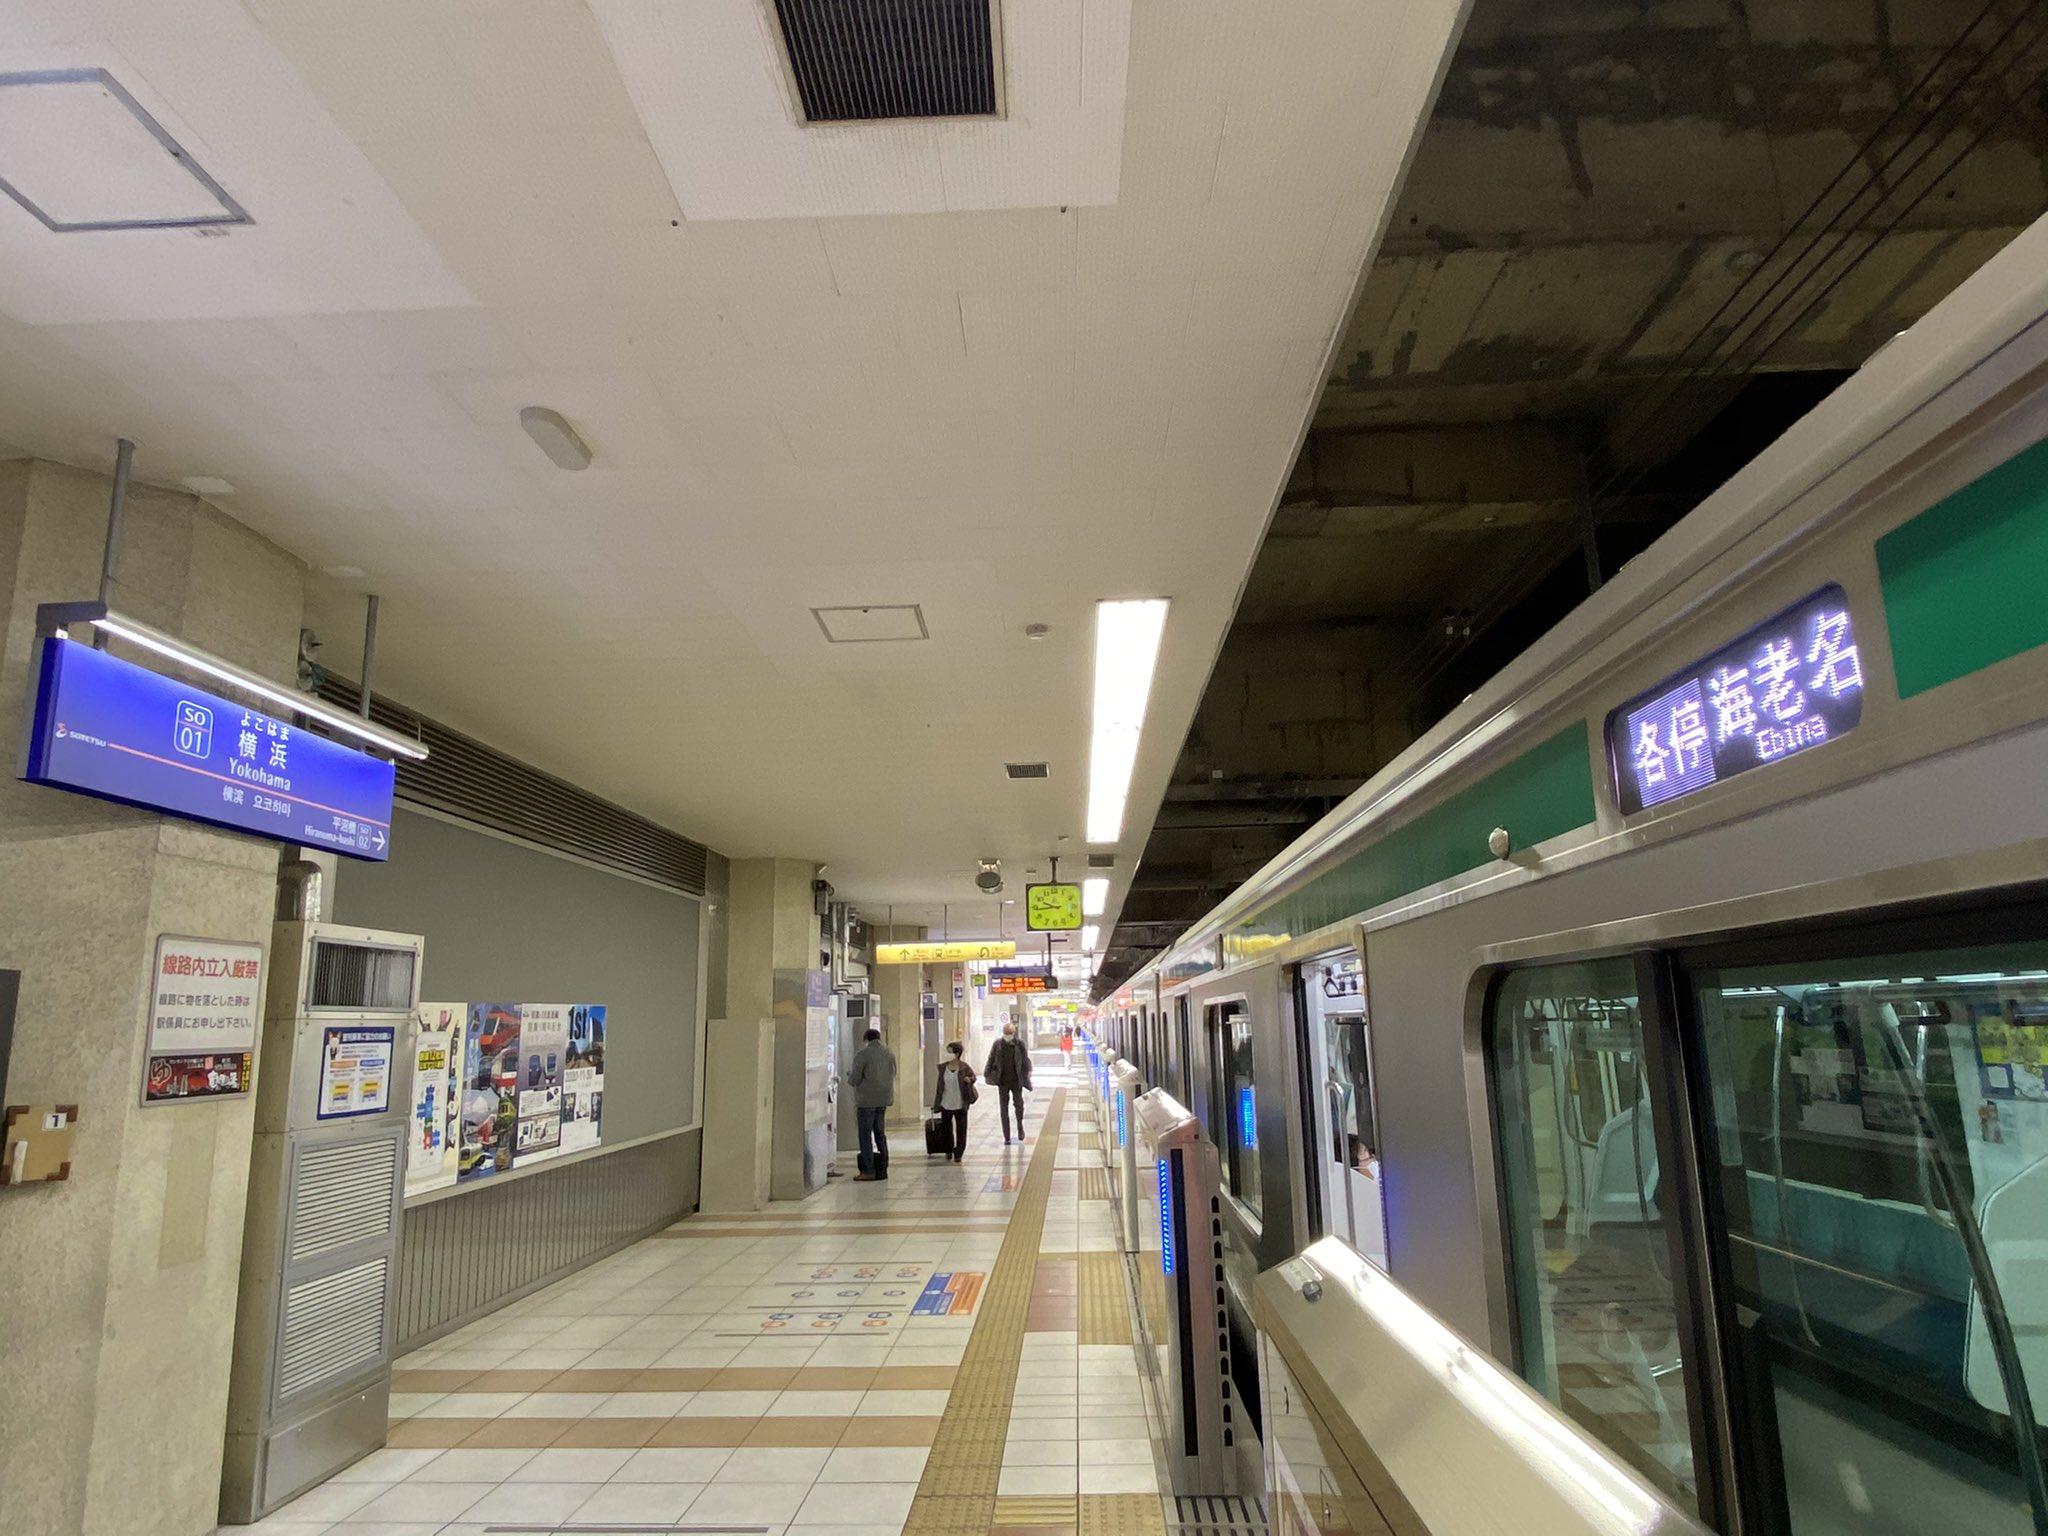 【一体なぜ】埼京線E233系ハエ131編成が「相鉄横浜」に入線 朝から55運用に入りJRの車両なのに相鉄線内のみを走行